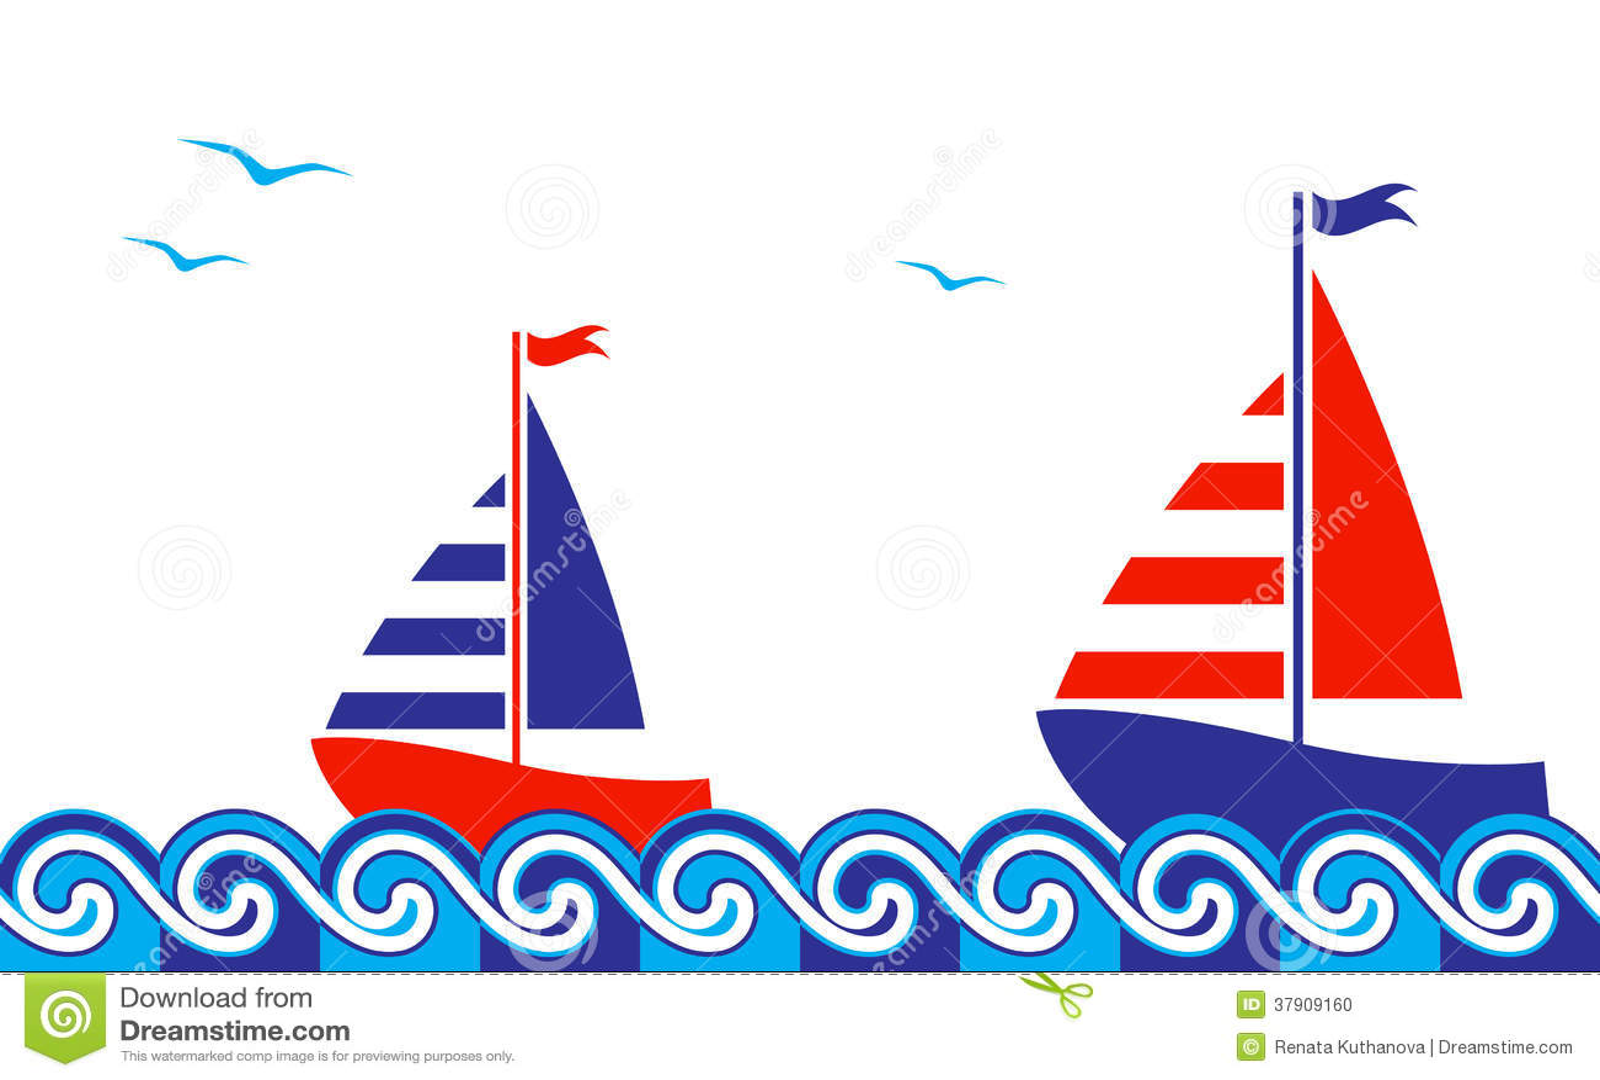 Nautical Border Stock Photo - Image: 37909160